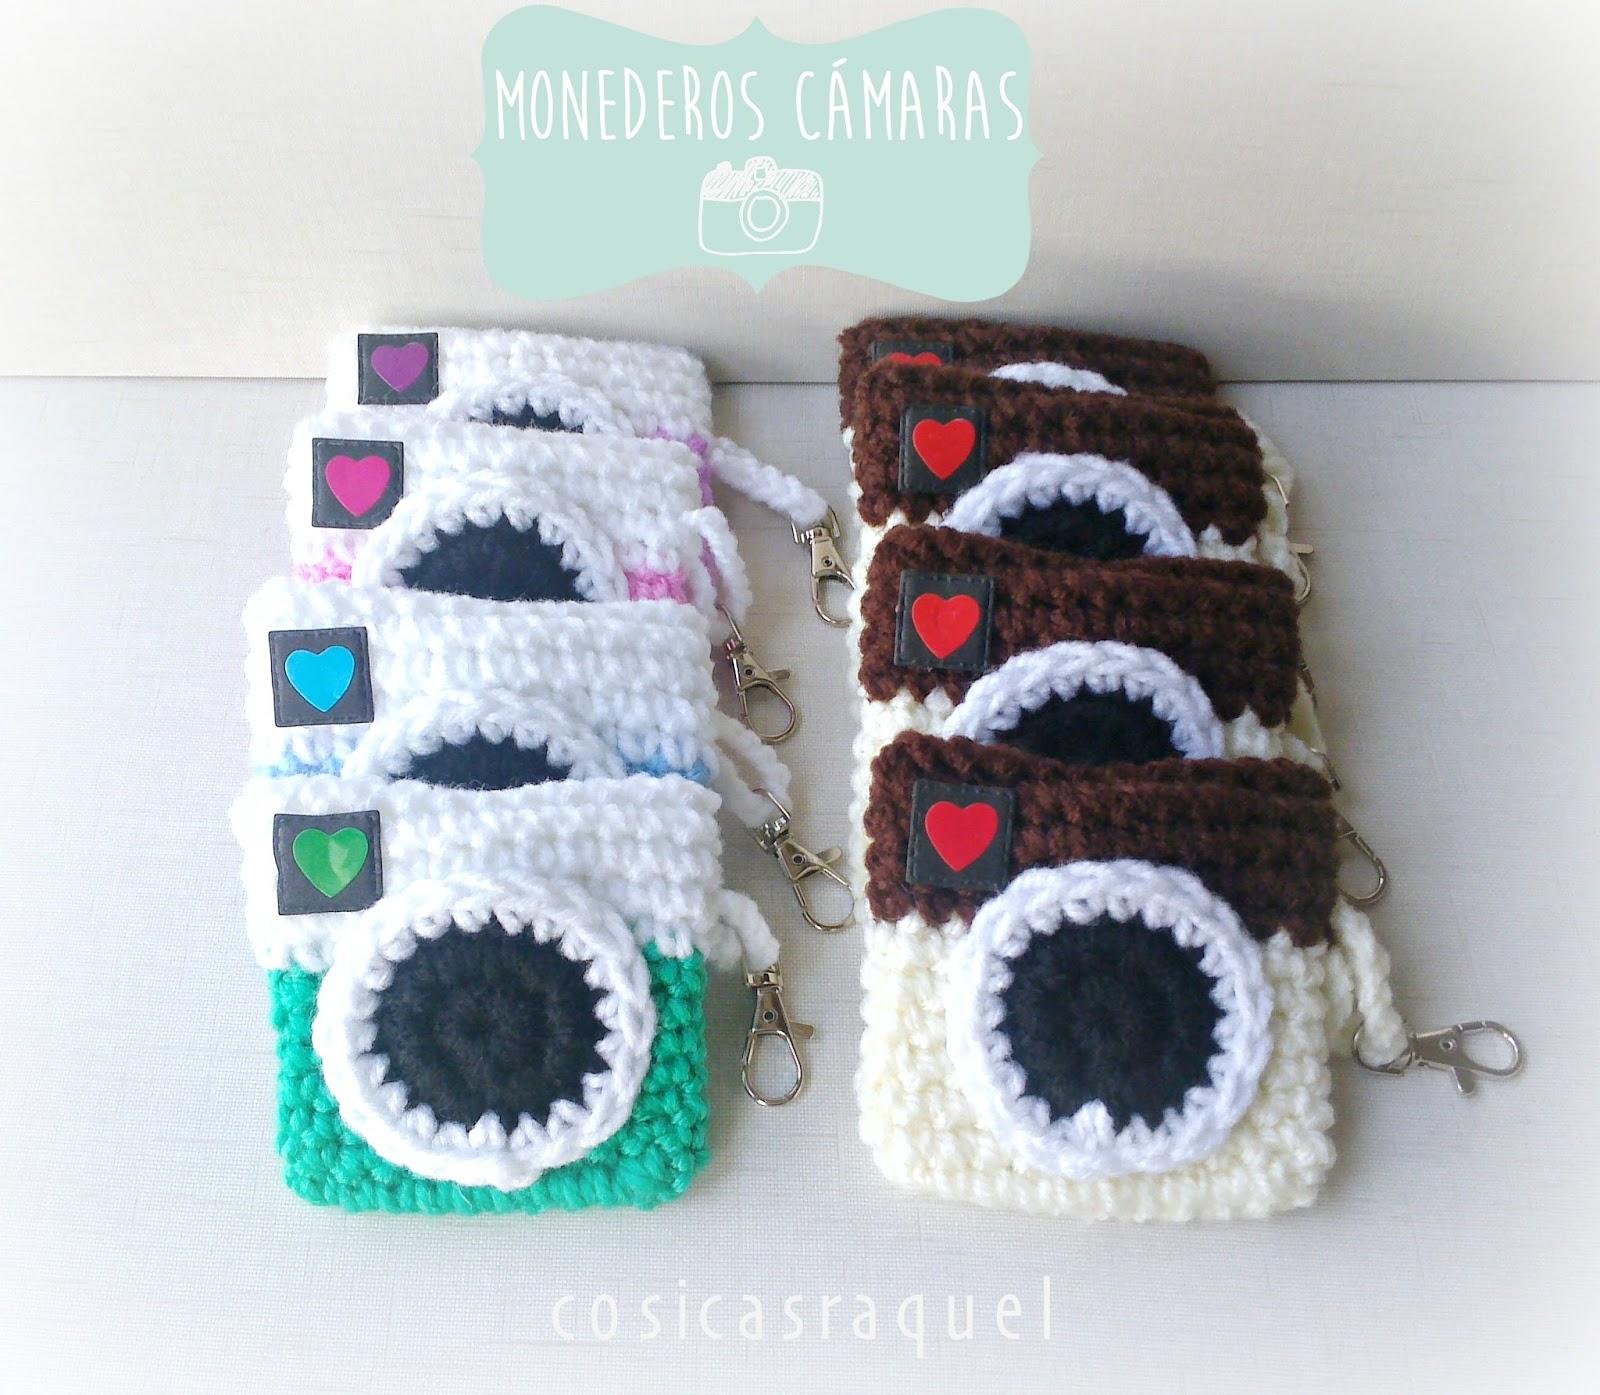 Cosicasraquel Monedero Camara Crochet - Monederos-ganchillo